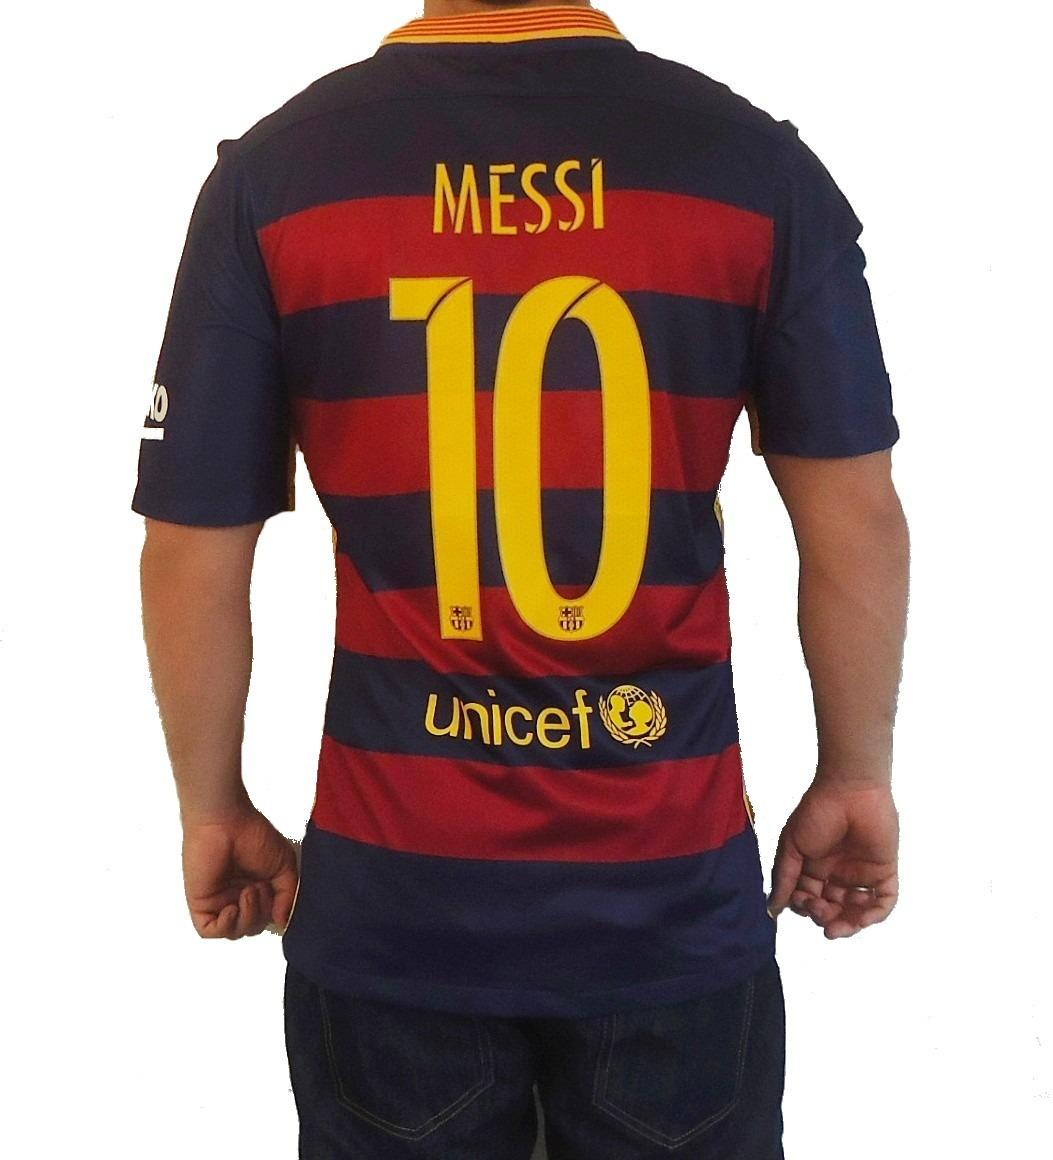 camisa nike barcelona 15 16 - jogador messi  10 - original. Carregando zoom. a21c7ef16cce8